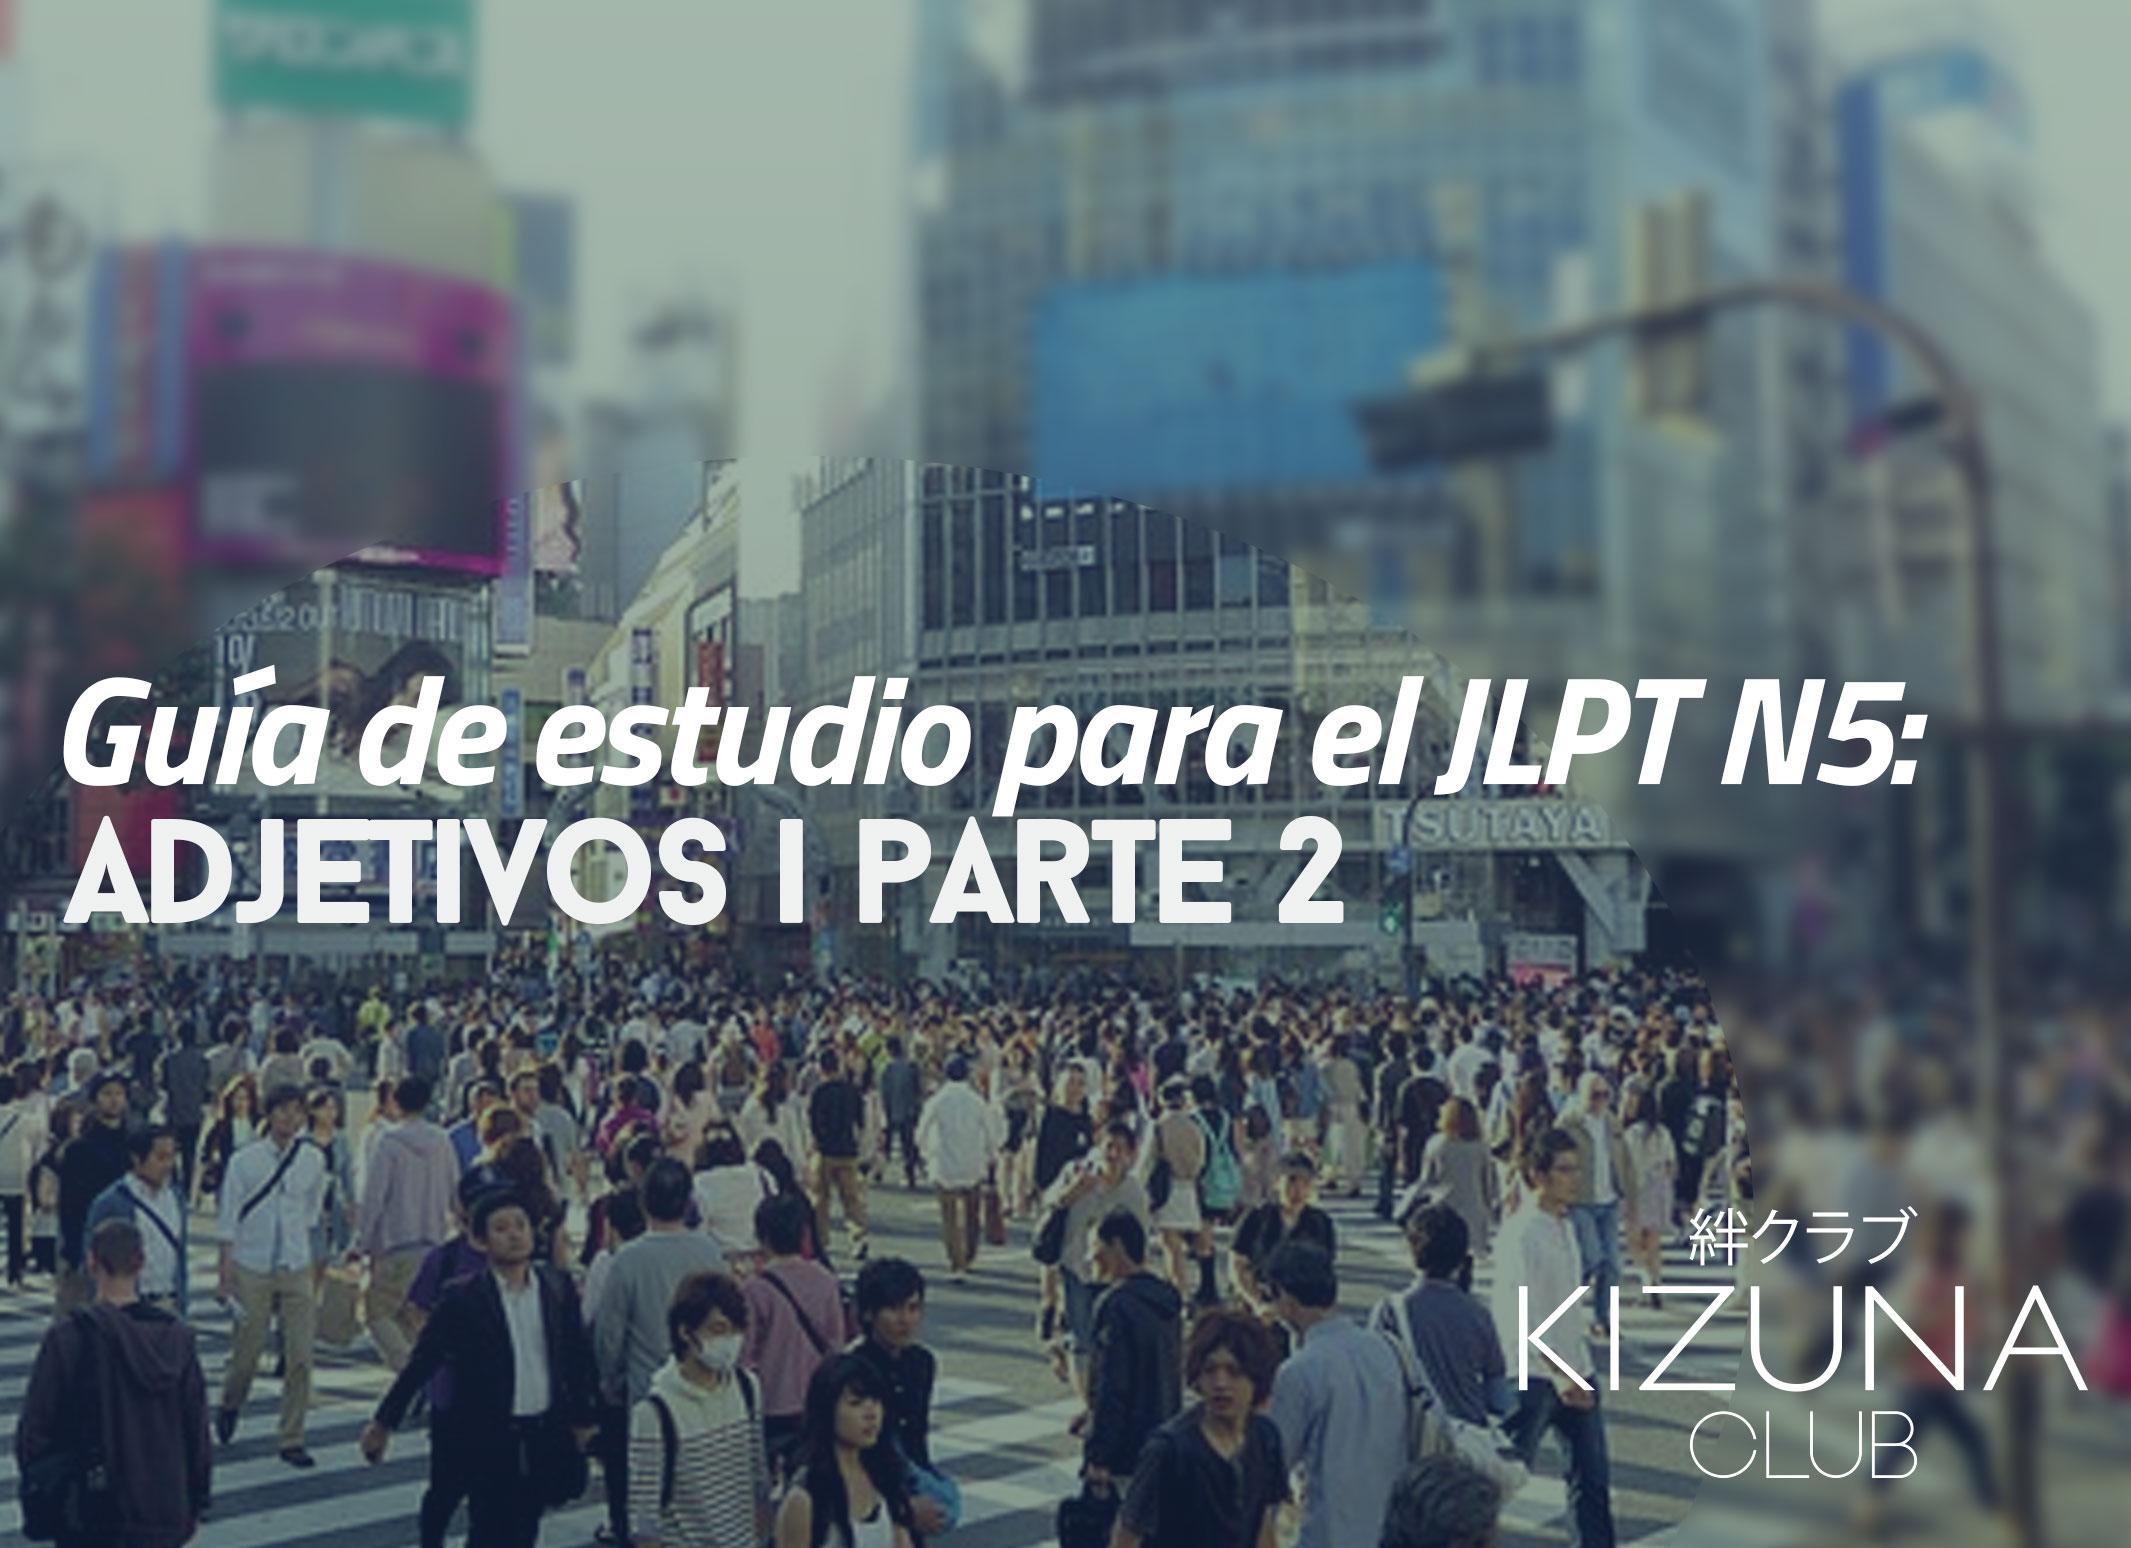 Guía de estudio para el JLPT N5: Adjetivos i parte 2